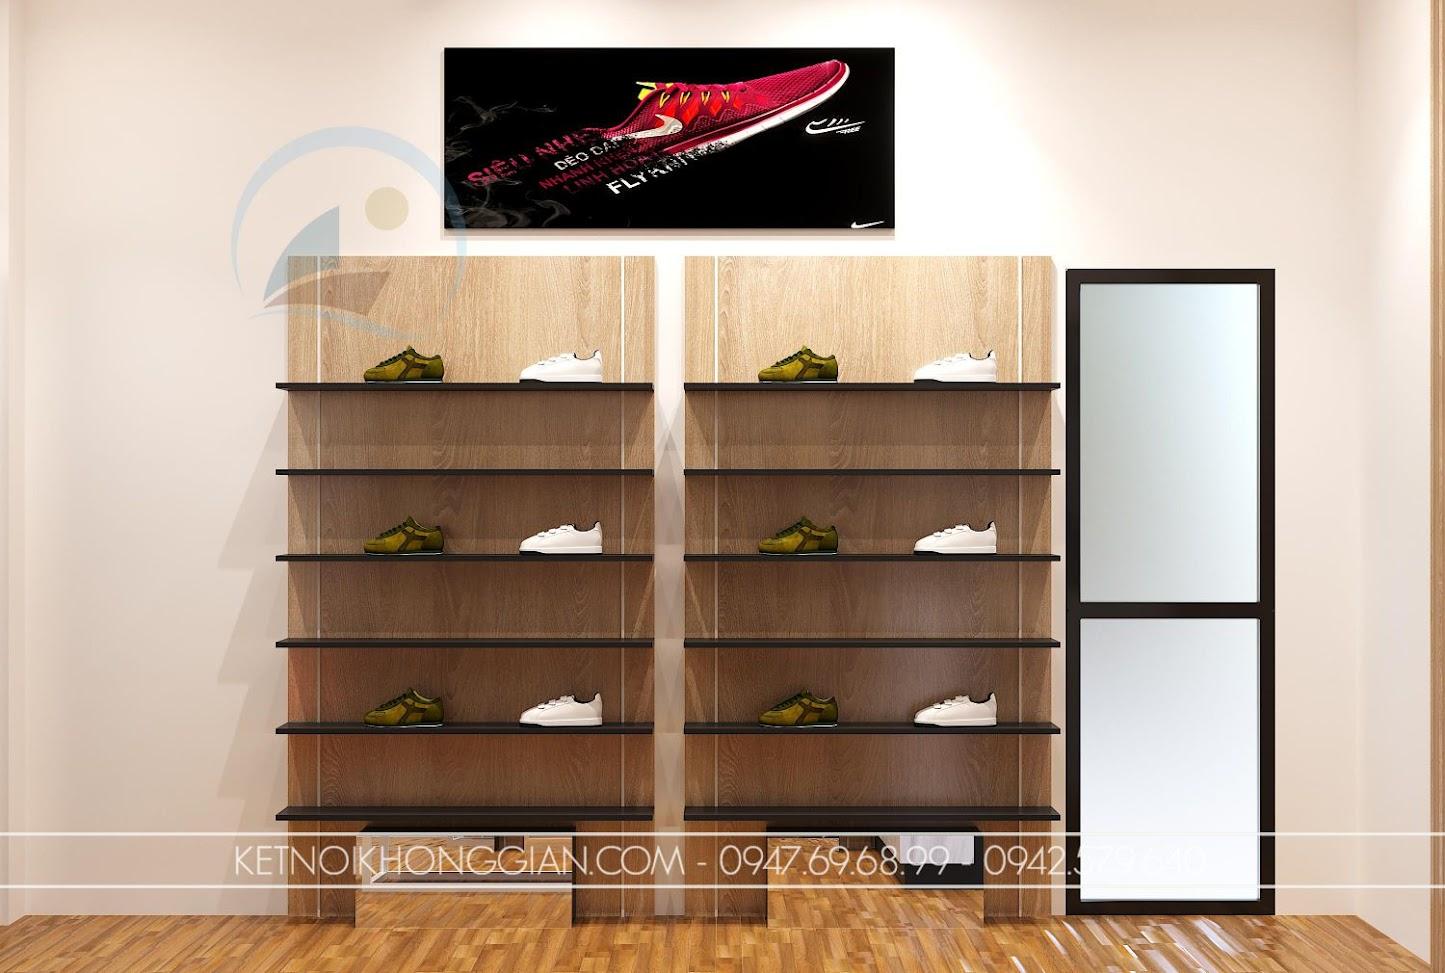 thiết kế shop giày dép nhỏ 16m2 cá tính